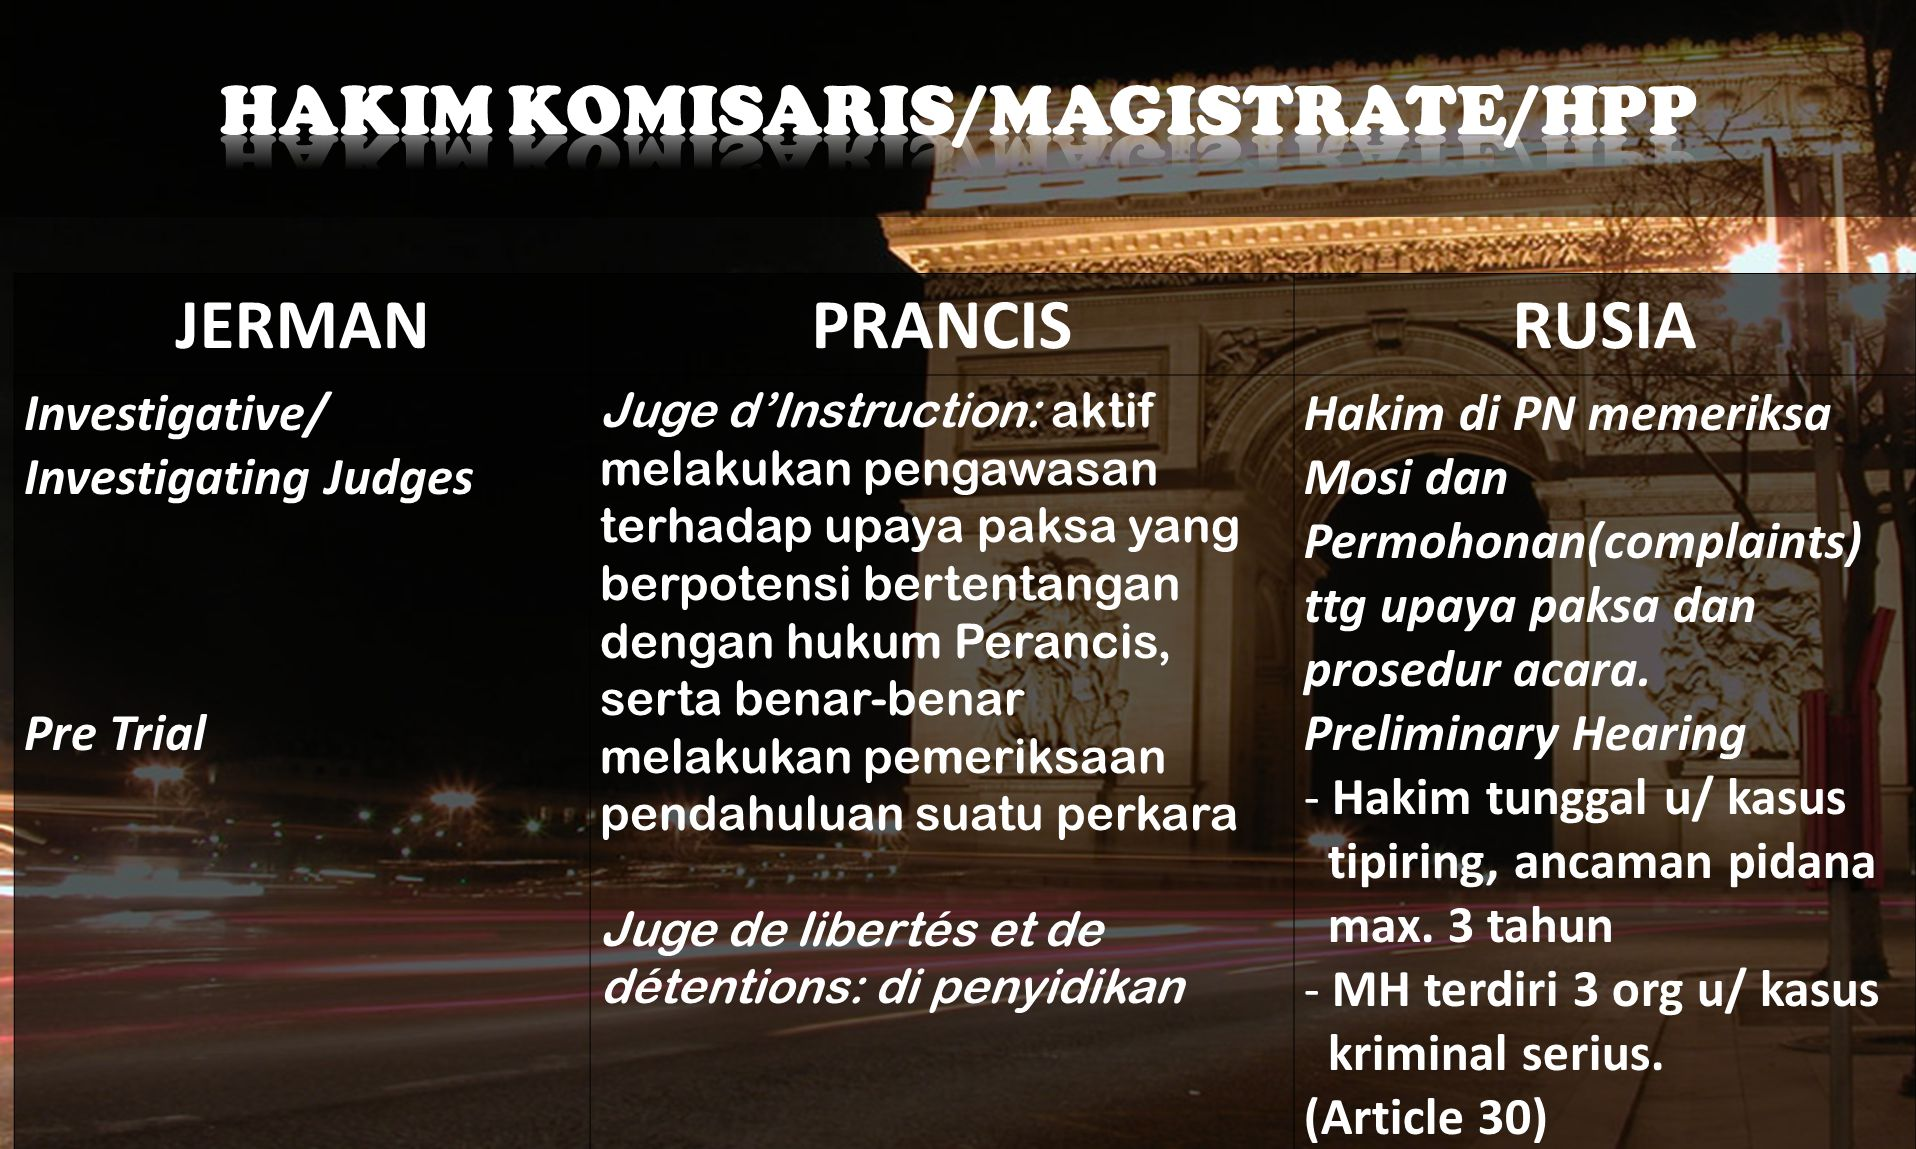 HAKIM KOMISARIS/Magistrate/HPP